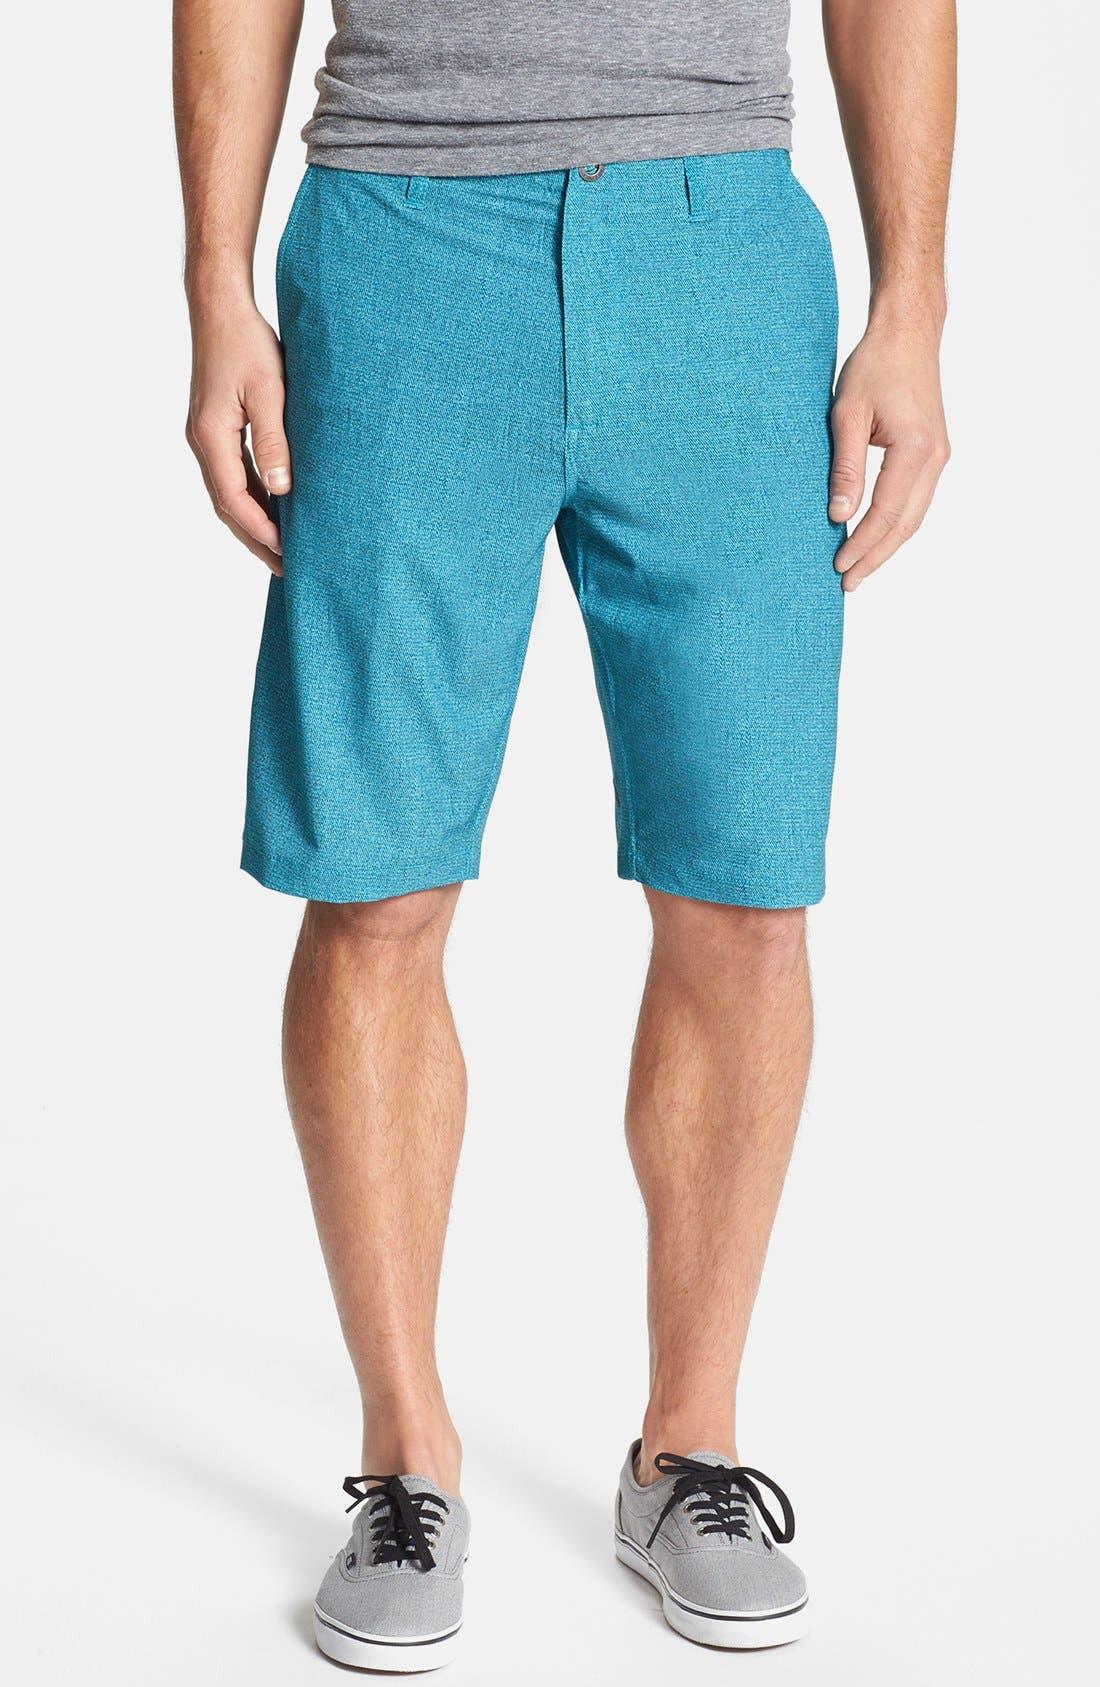 Alternate Image 1 Selected - Volcom 'Modern' Hybrid Shorts